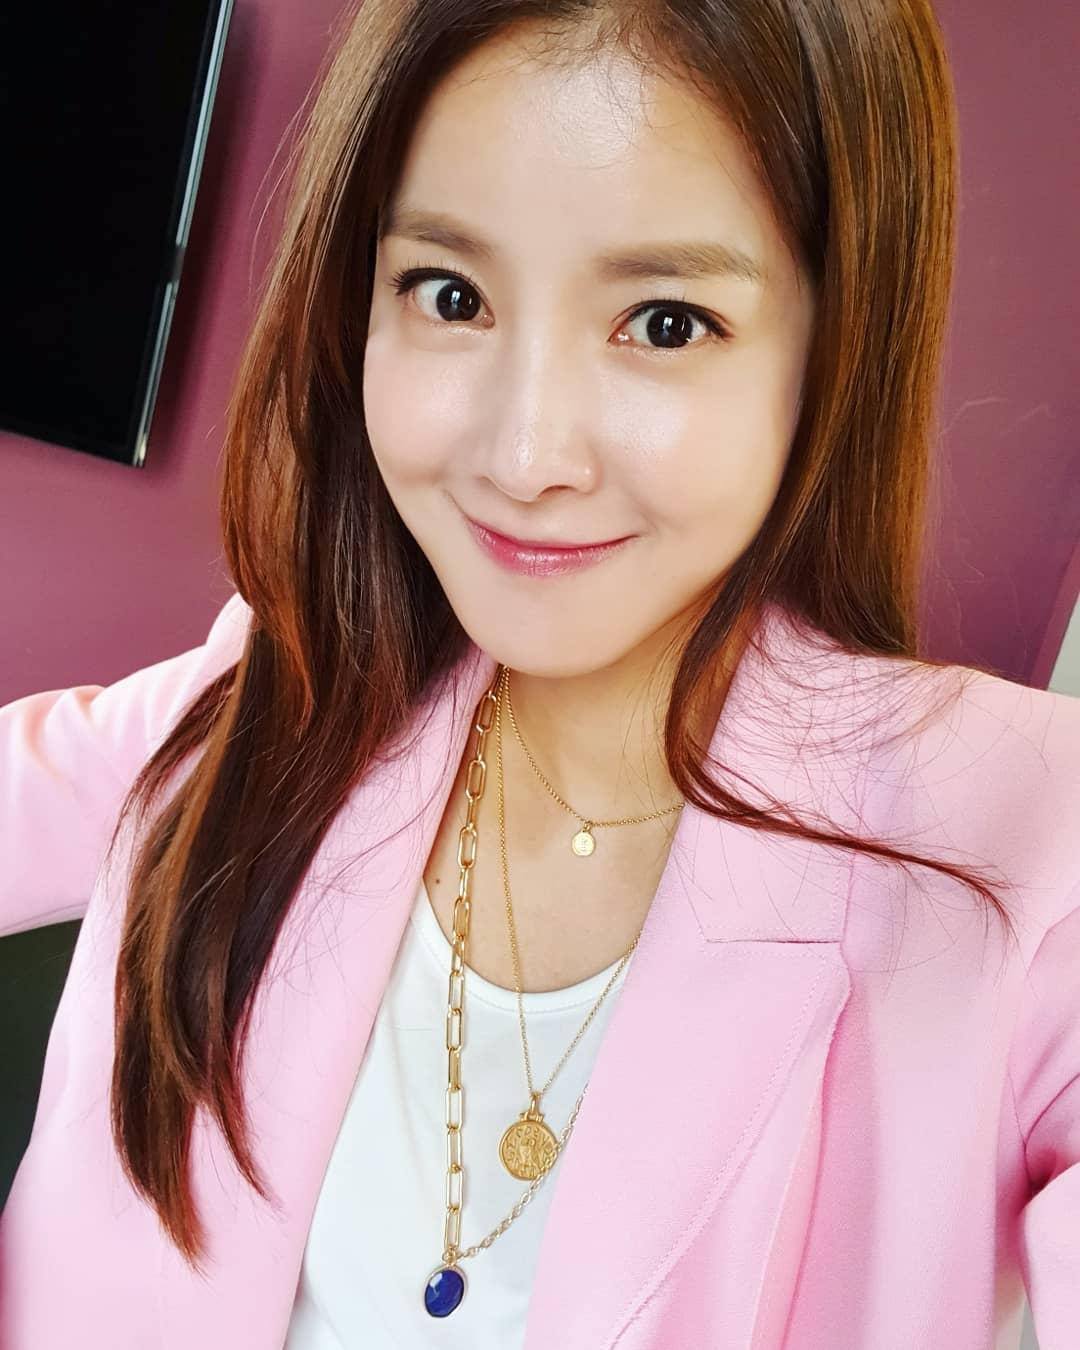 leesiyoung4